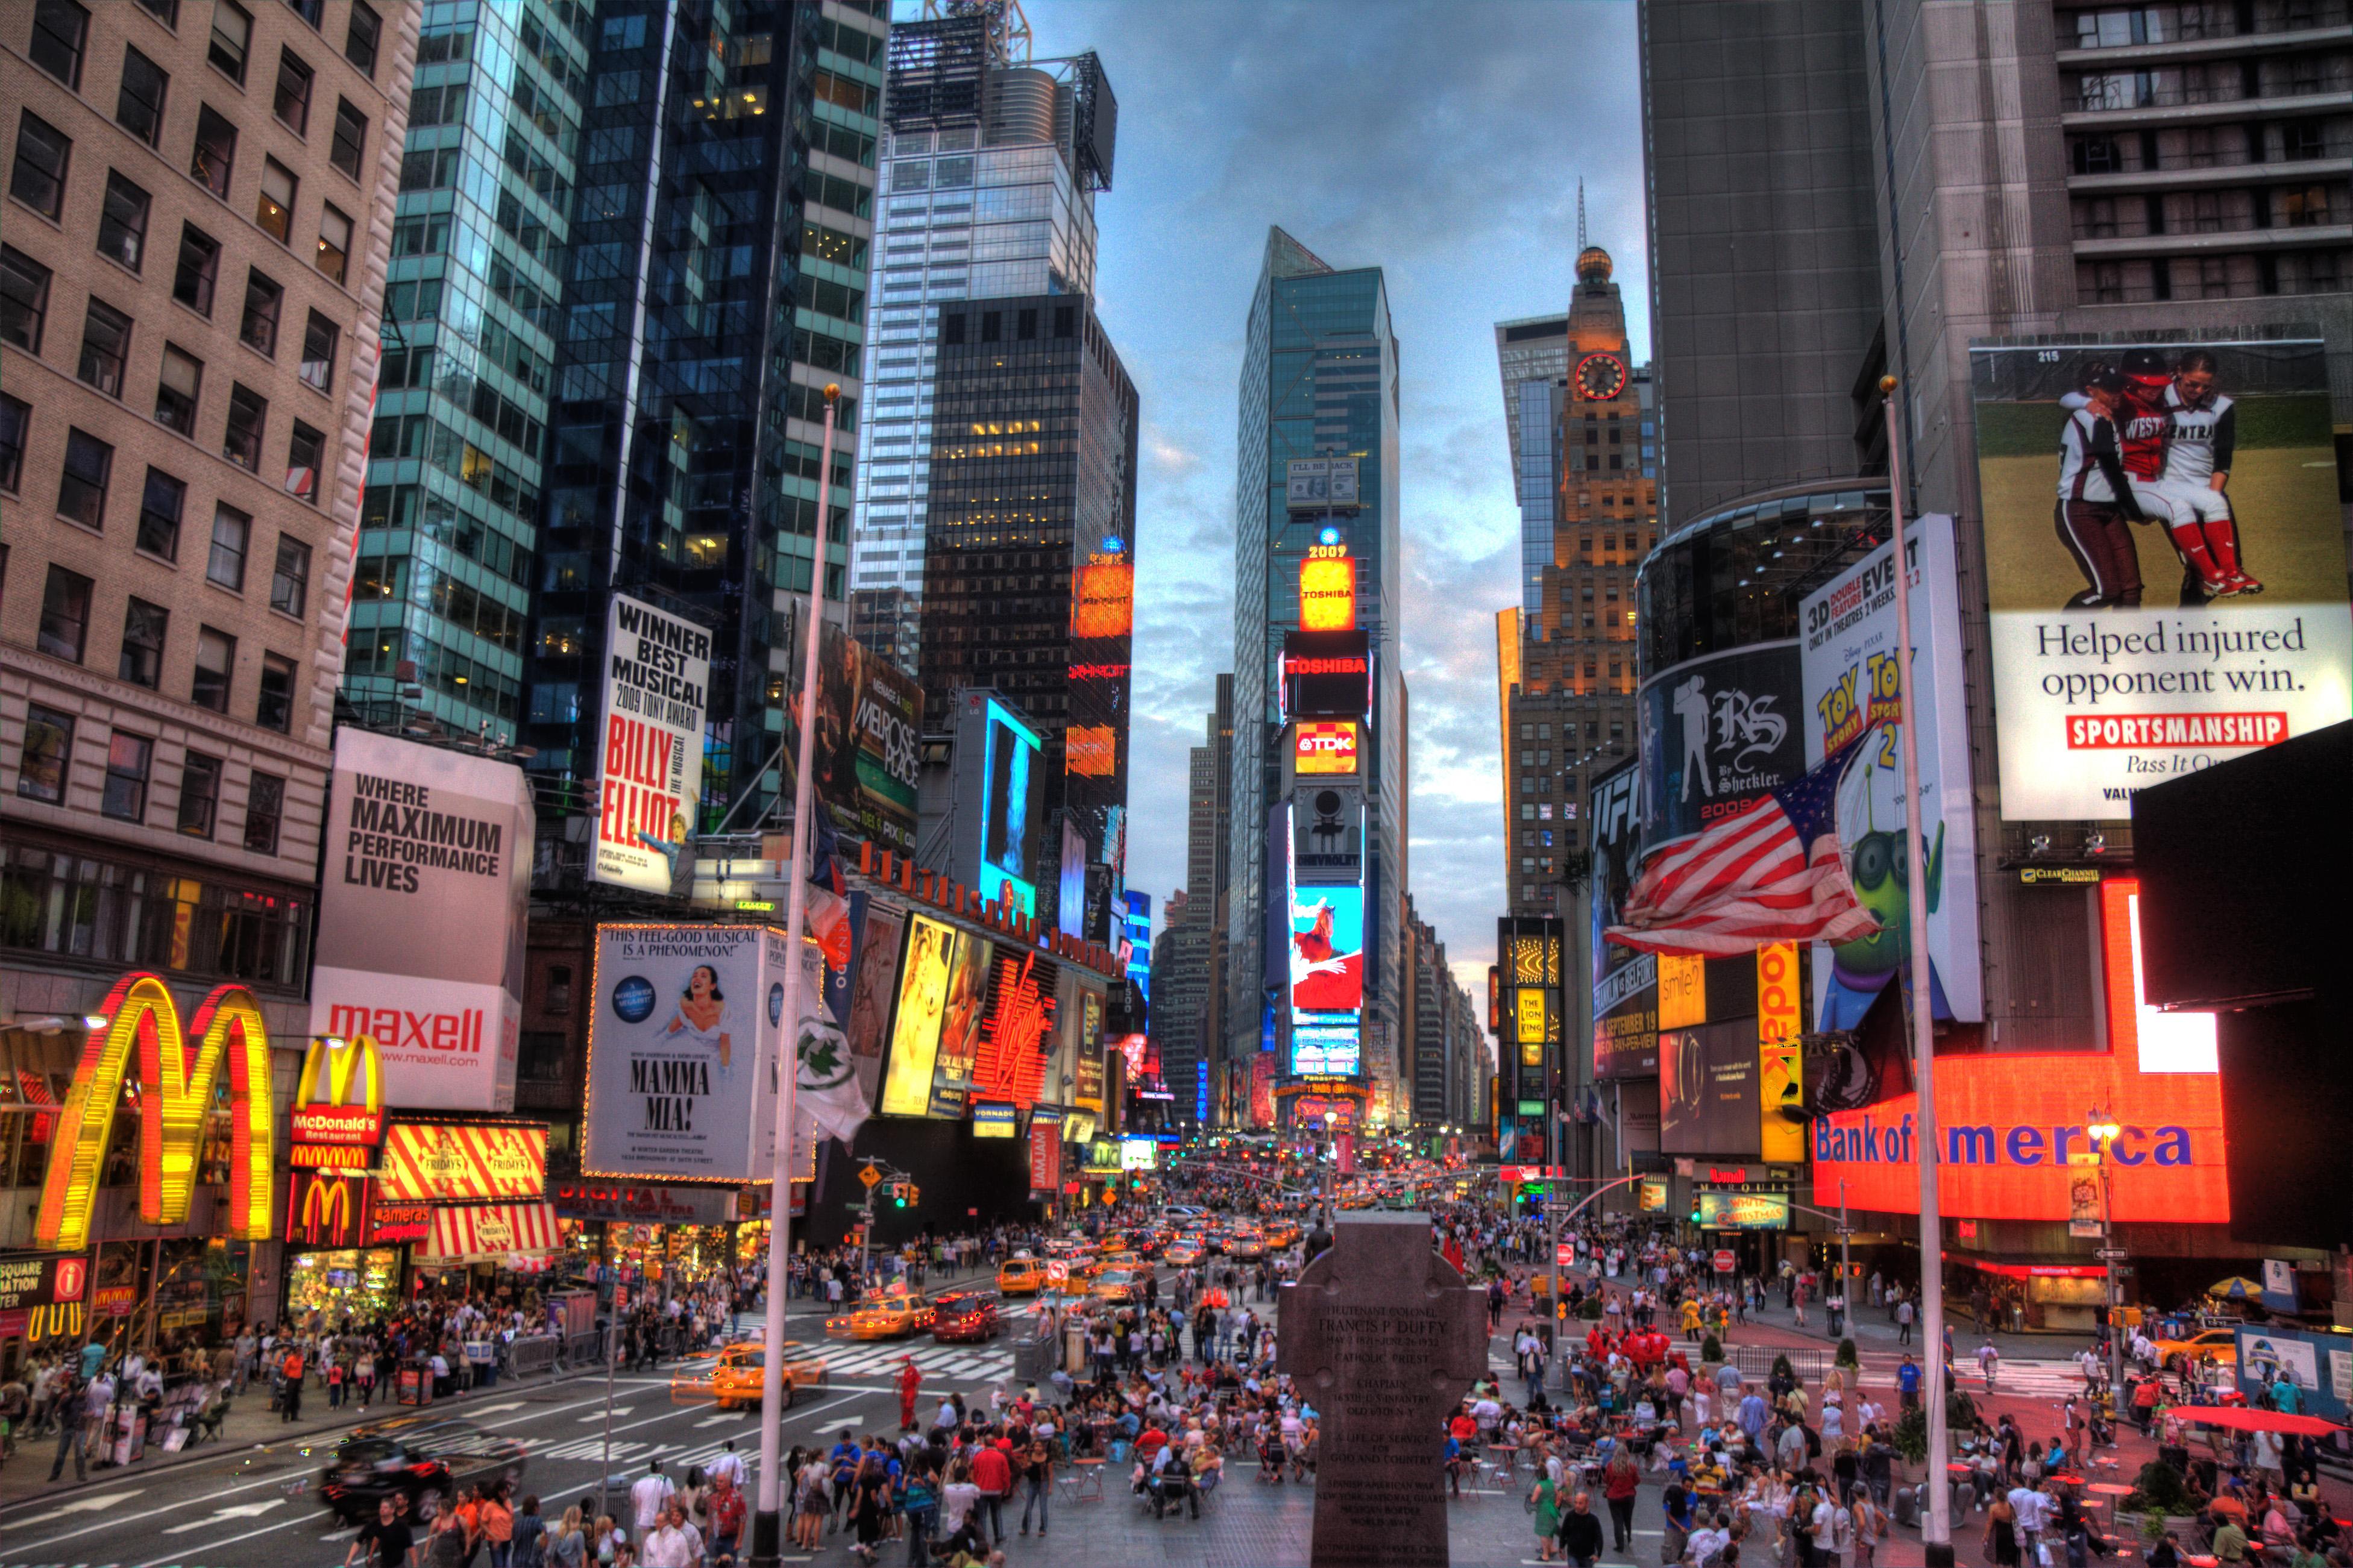 Times Square enciende mañana la mayor pantalla publicitaria de EEUU